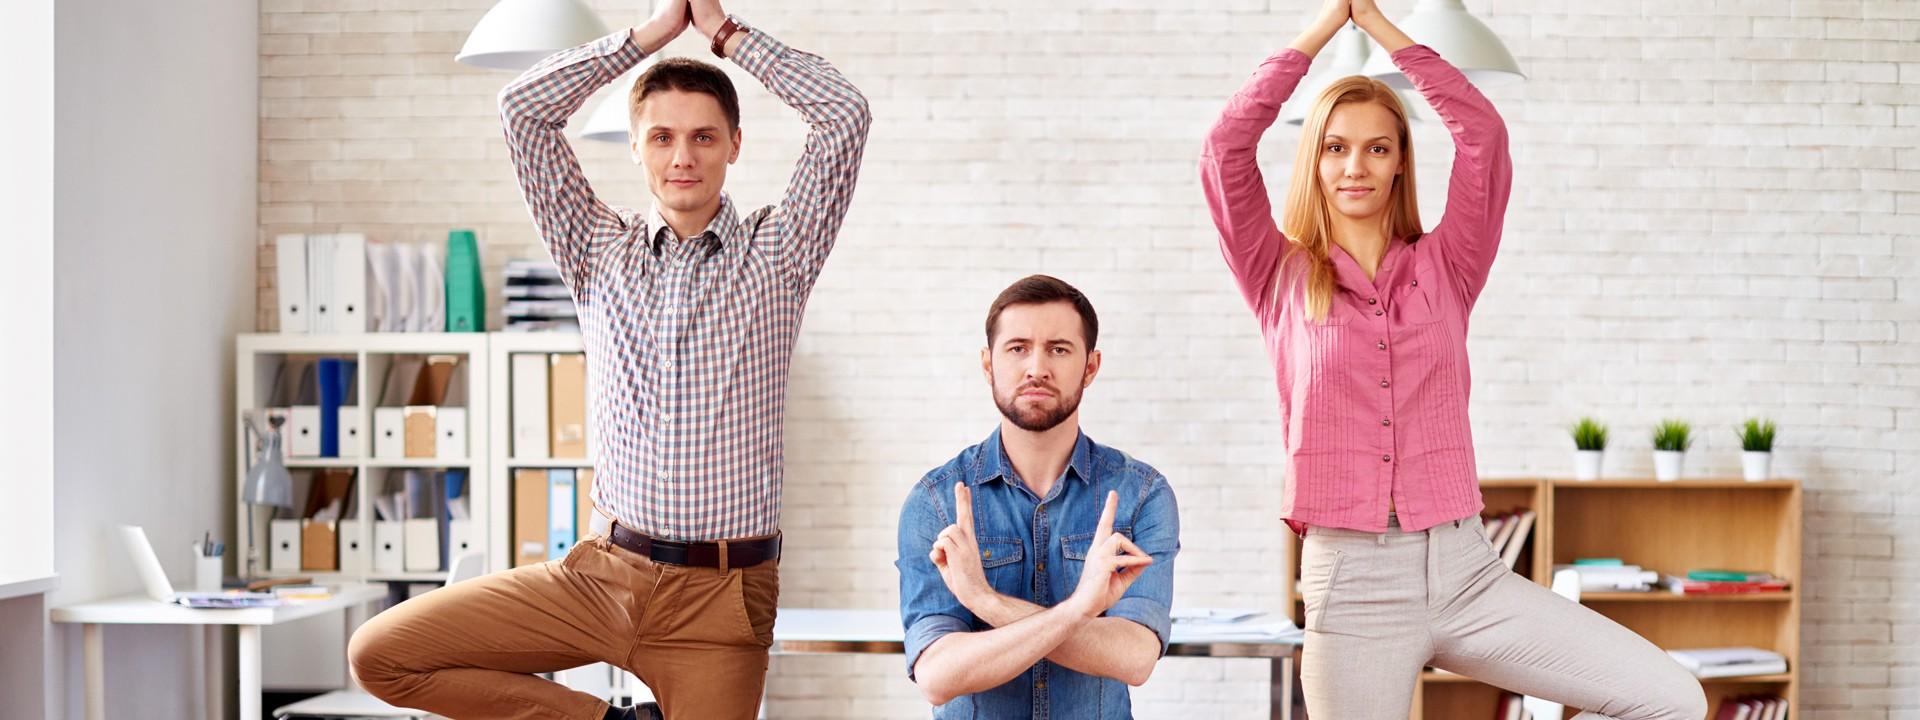 Drei Leute machen Gymnastik